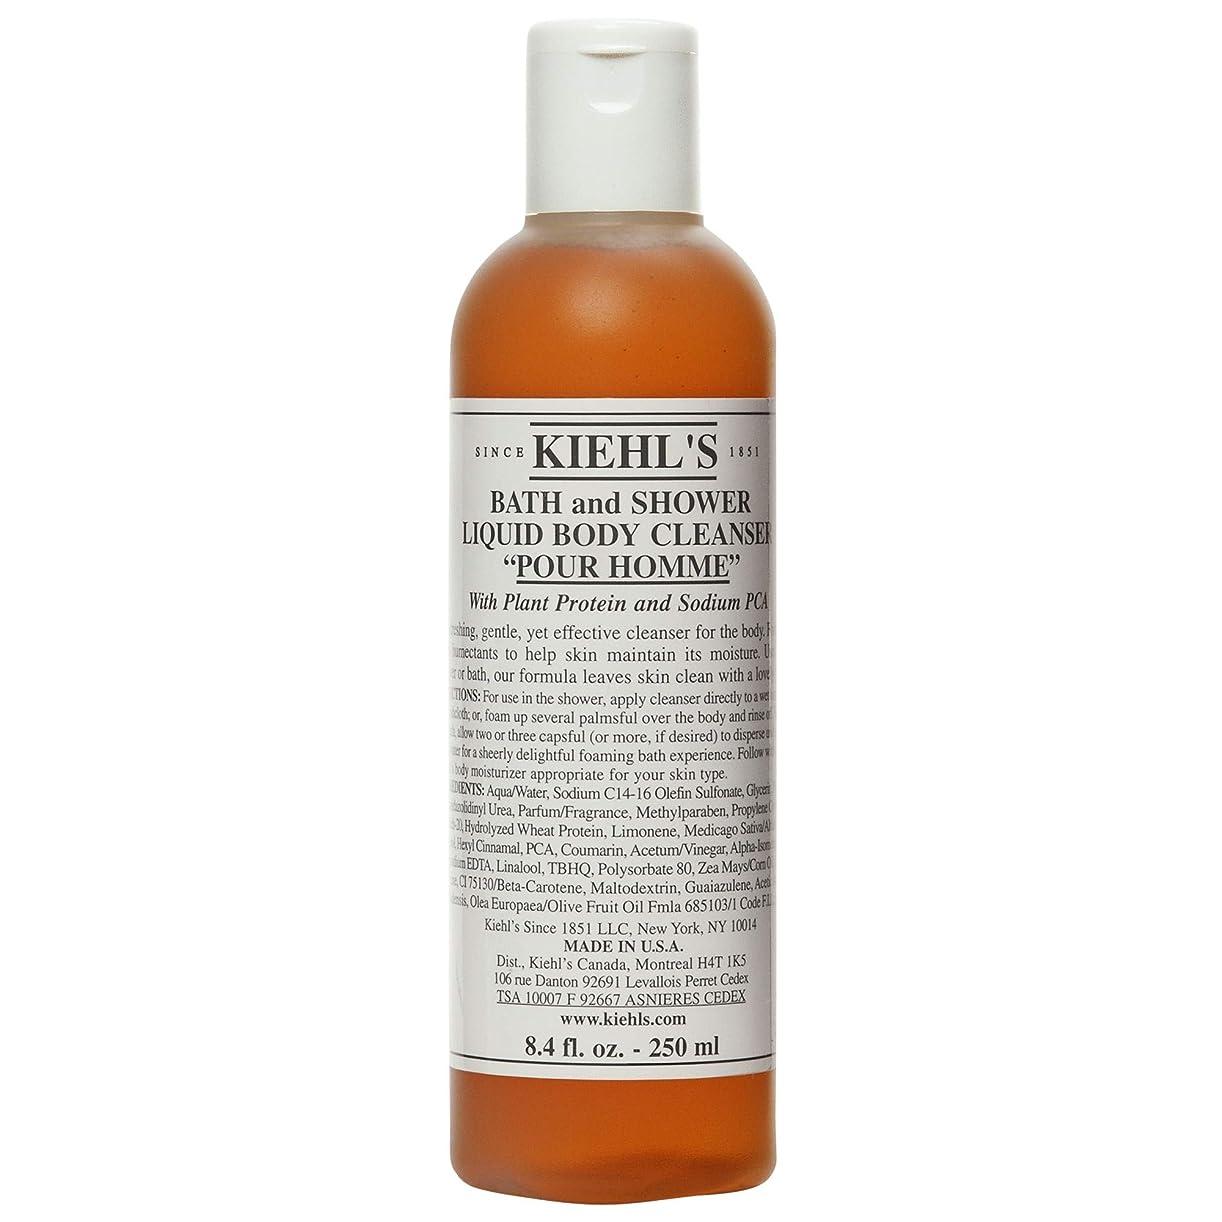 前進ブラシ故意の[Kiehl's ] キールさんはオムバスを注ぎ、液体ボディクレンザー250ミリリットルシャワー - Kiehl's Pour Homme Bath and Shower Liquid Body Cleanser 250ml [並行輸入品]